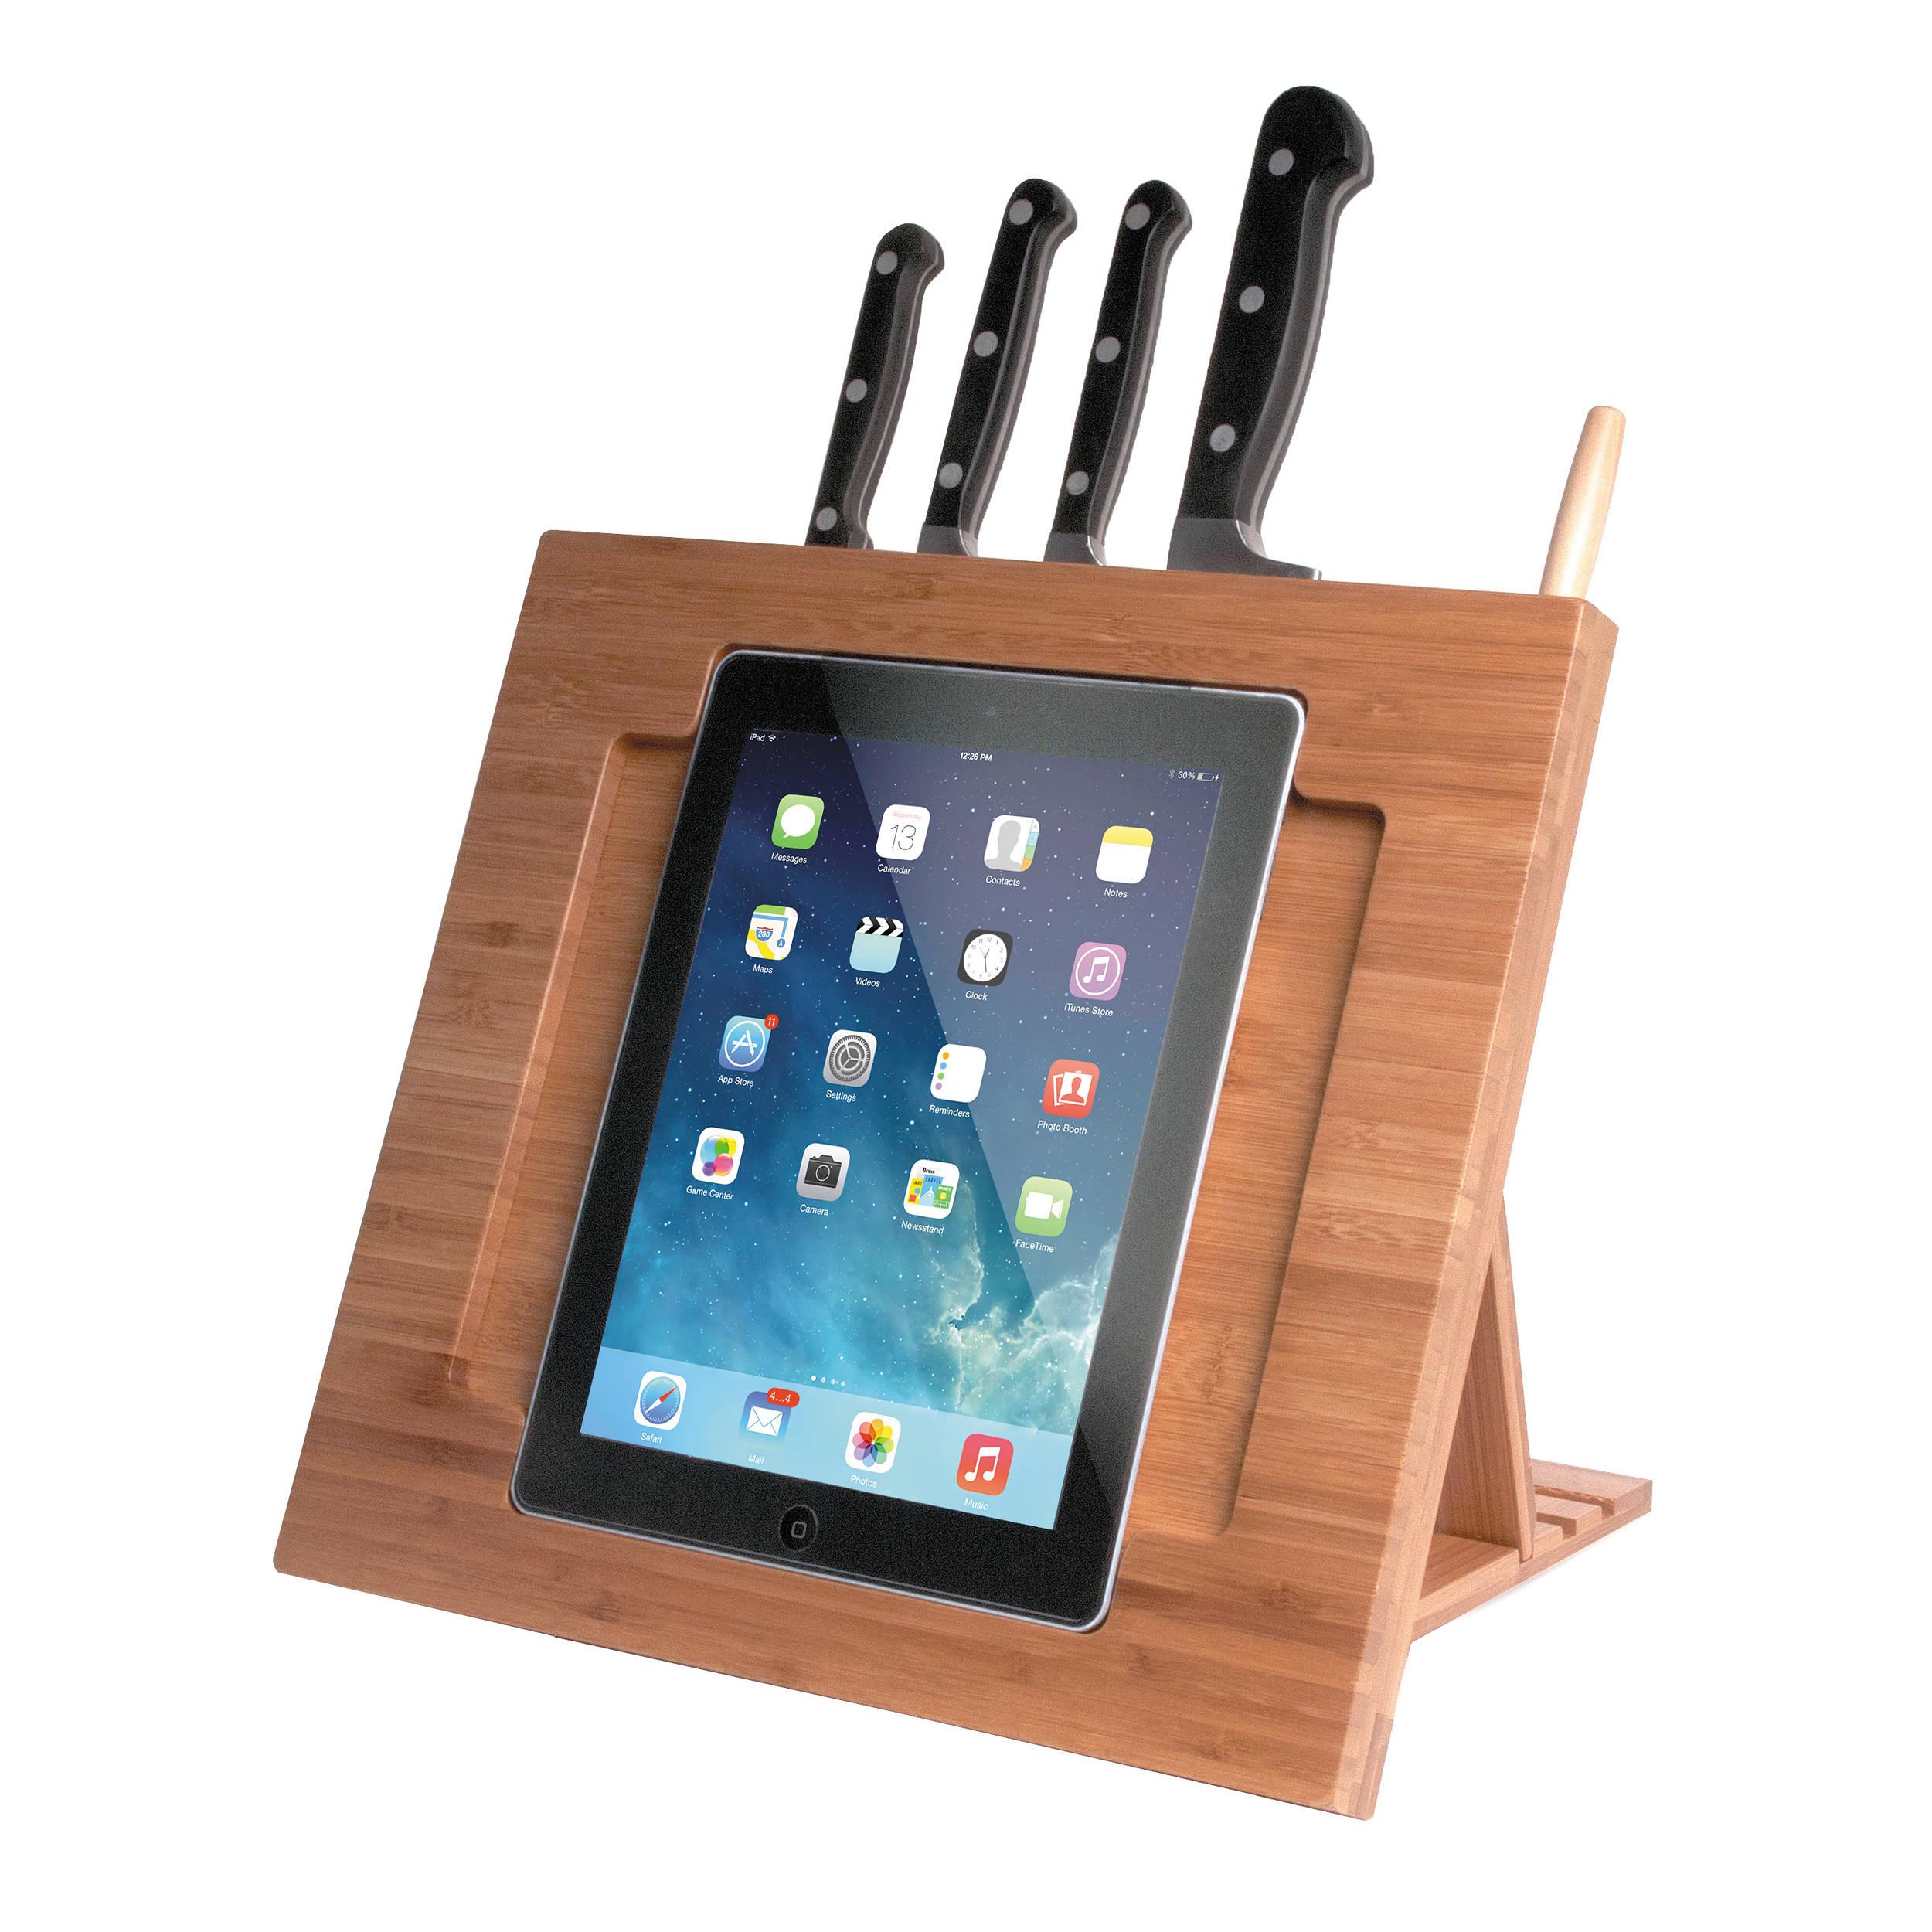 CTA Digital Bamboo Adjustable Kitchen Stand for iPad 2/3/4, iPad Air 1/2,  iPad mini 1/2/3/4